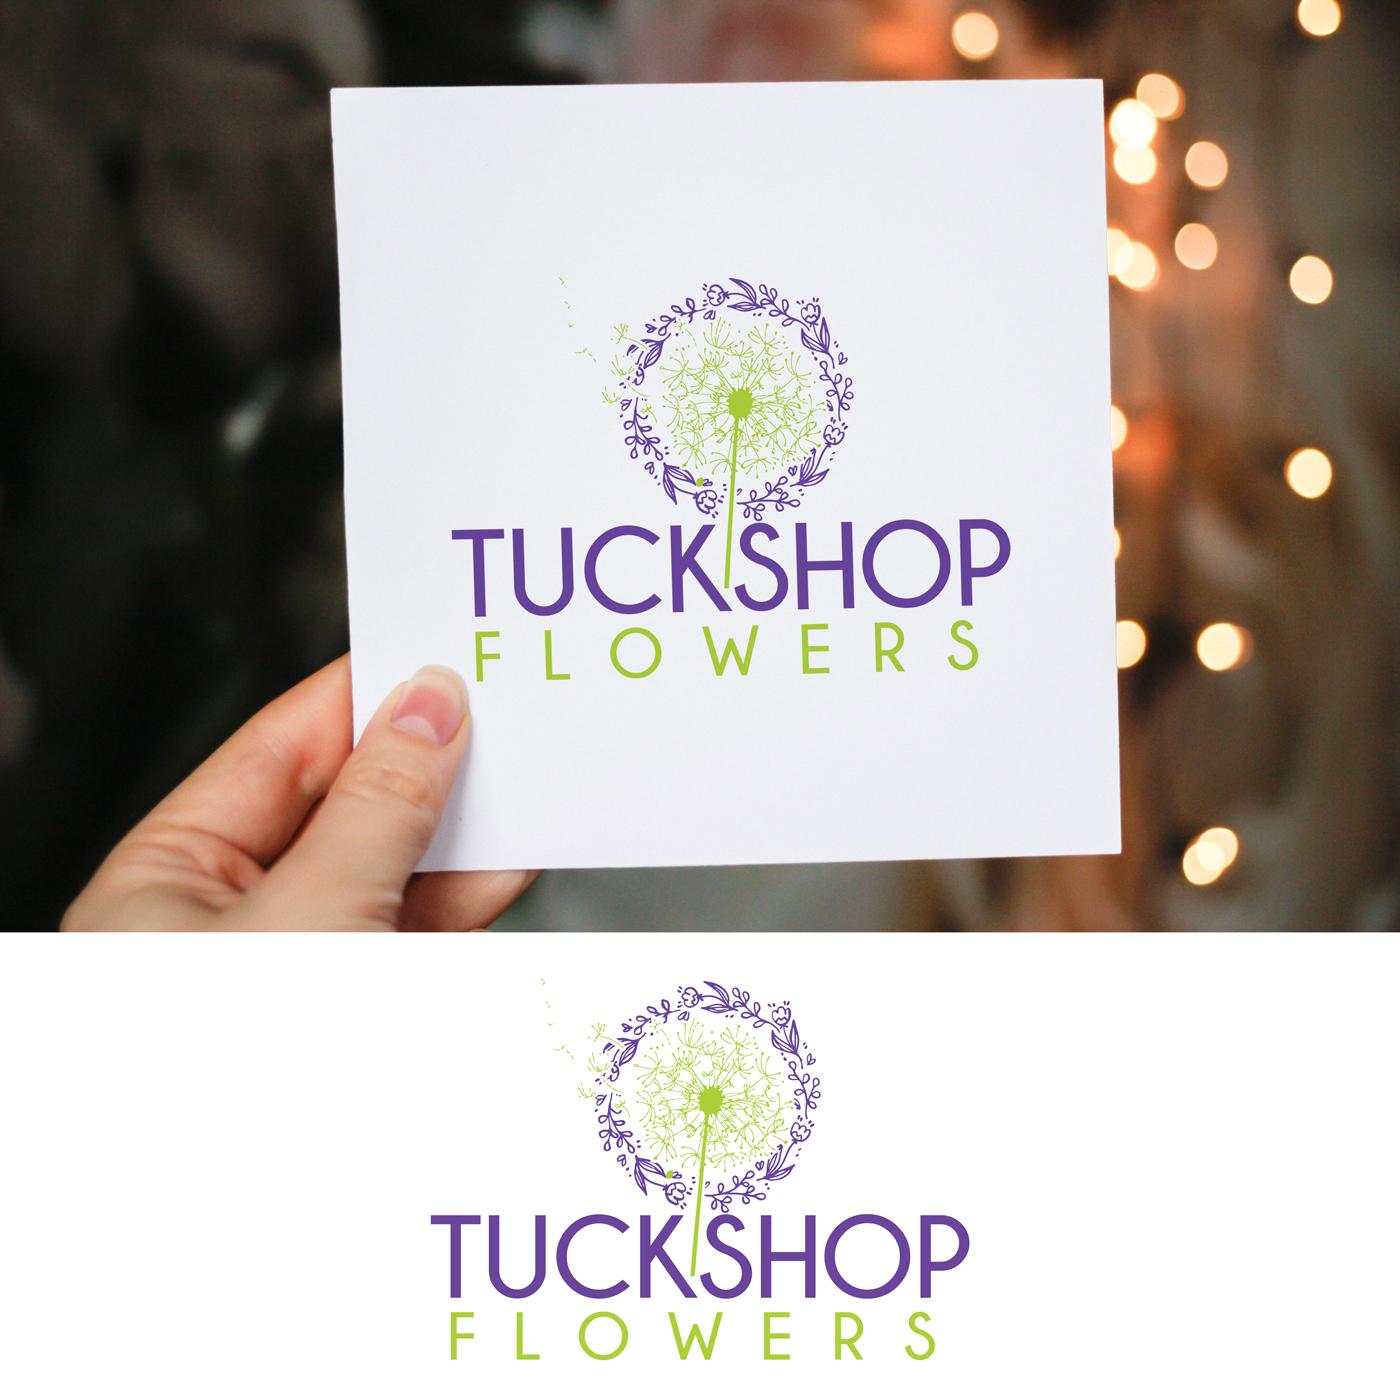 Upmarket, Elegant, Business Logo Design for TUCKSHOP FLOWERS (avenir